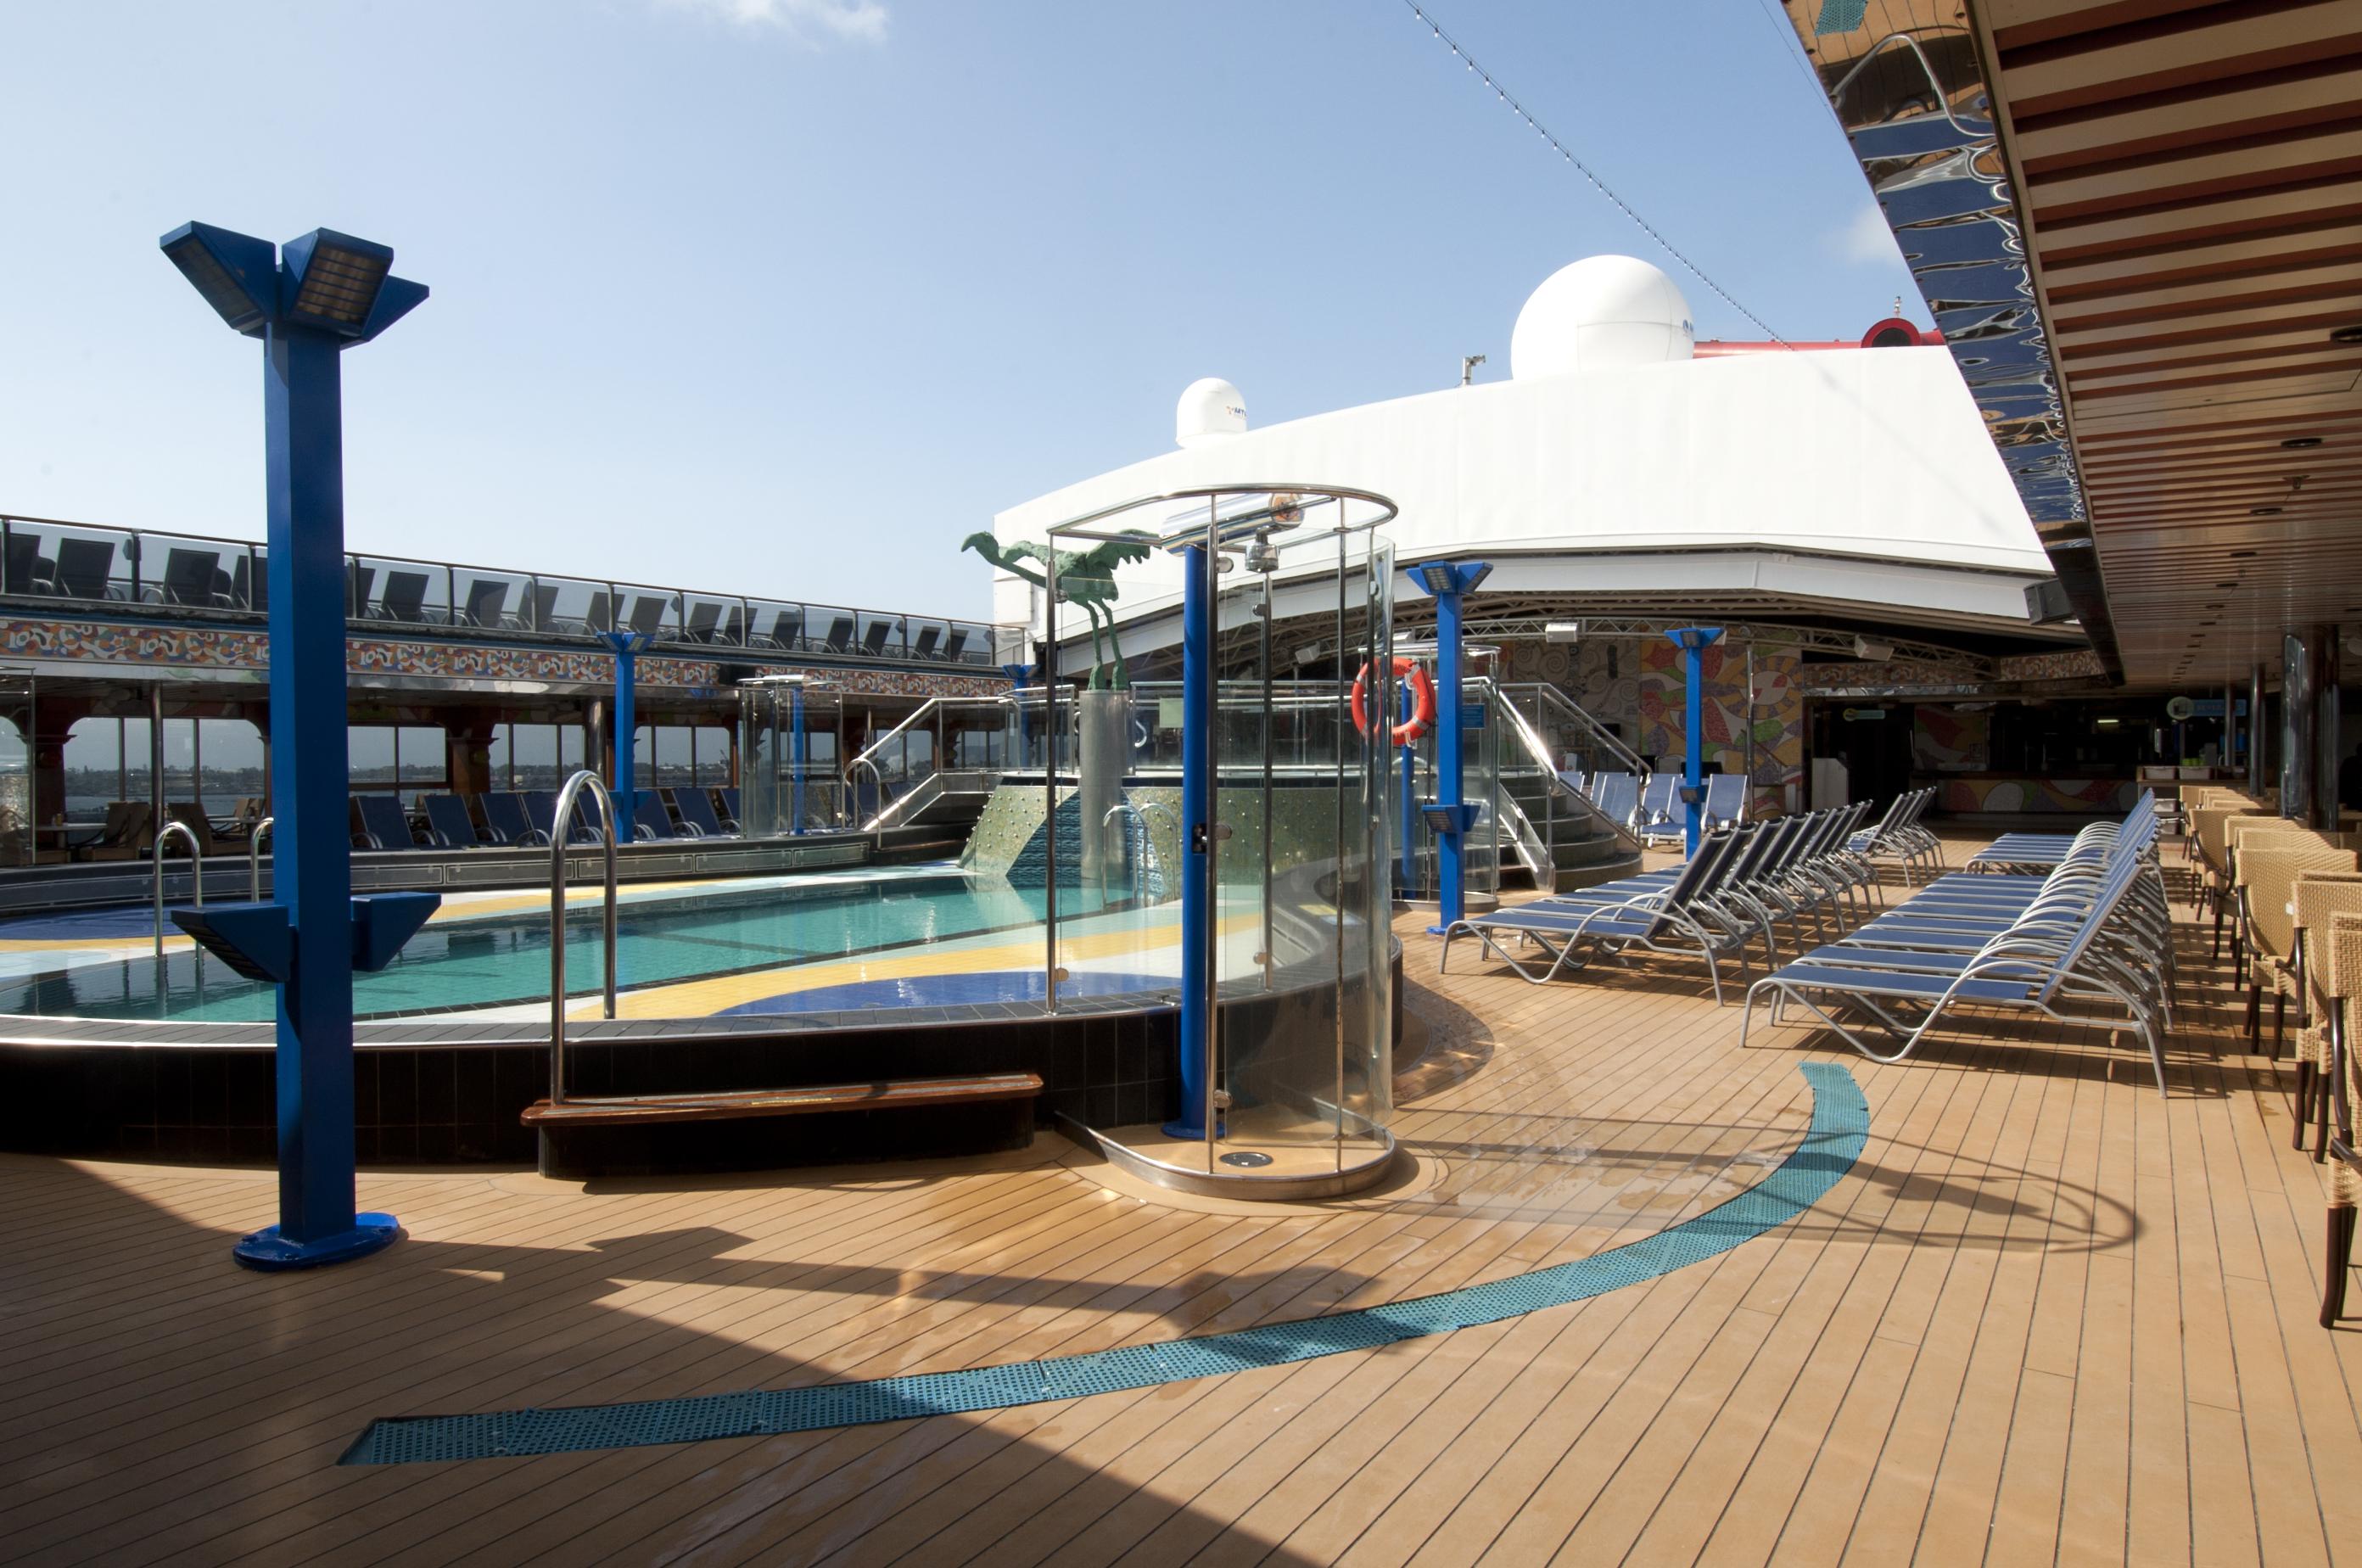 Carnival Spirit Dome Pool 2.jpg